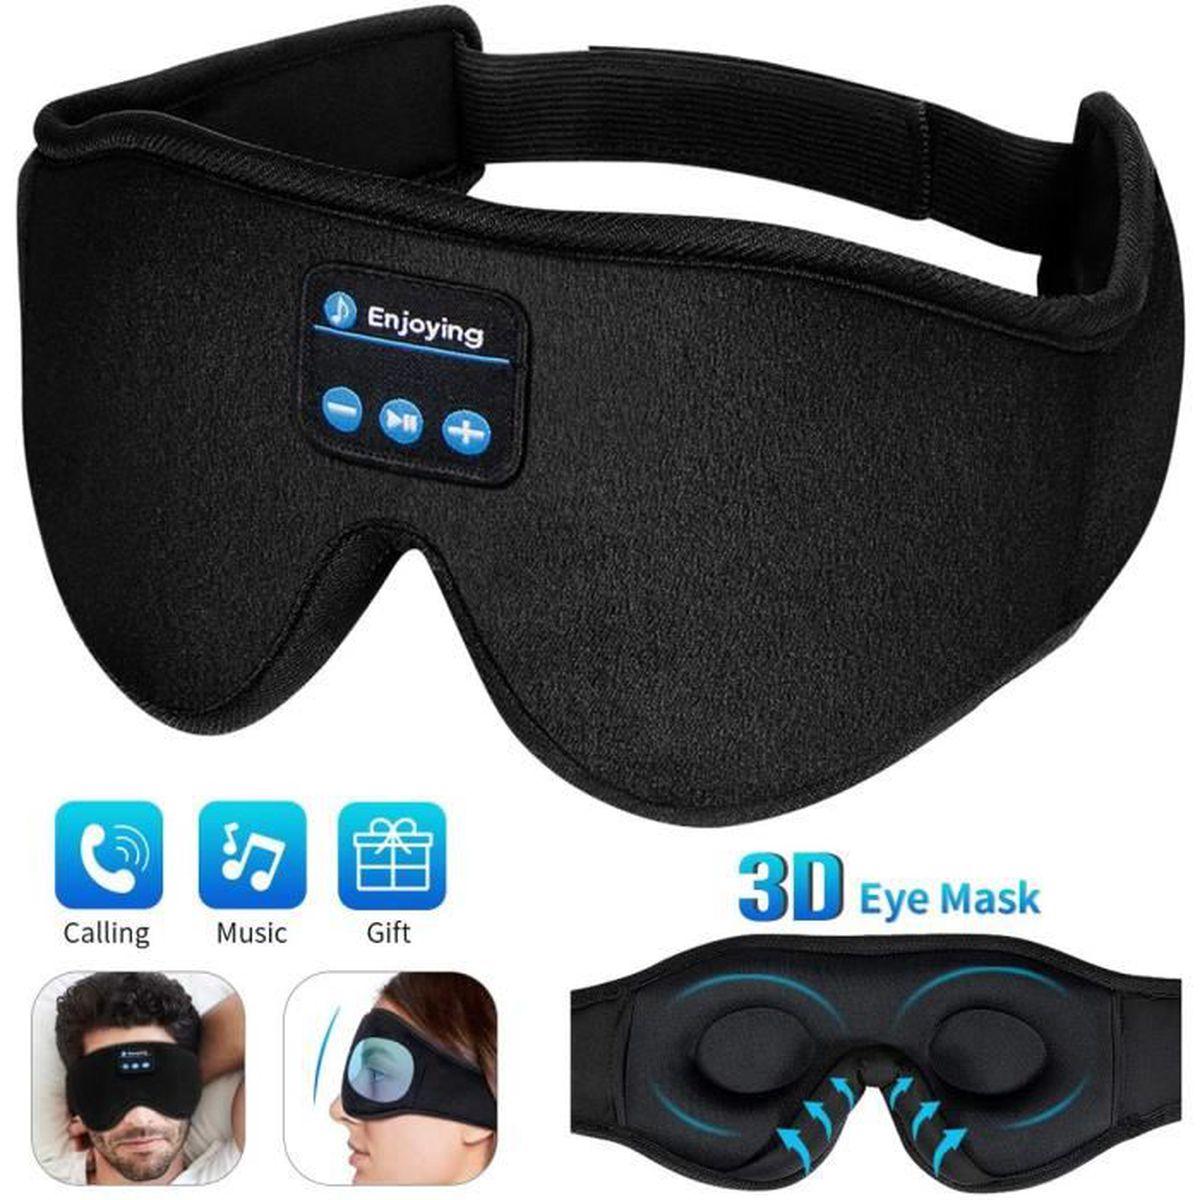 Masque De Nuit Contours 3d Masque De Sommeil Bluetooth 5 0 Casque Anti Bruit Respirant Bloquant La Lumière Cache Yeux Noir